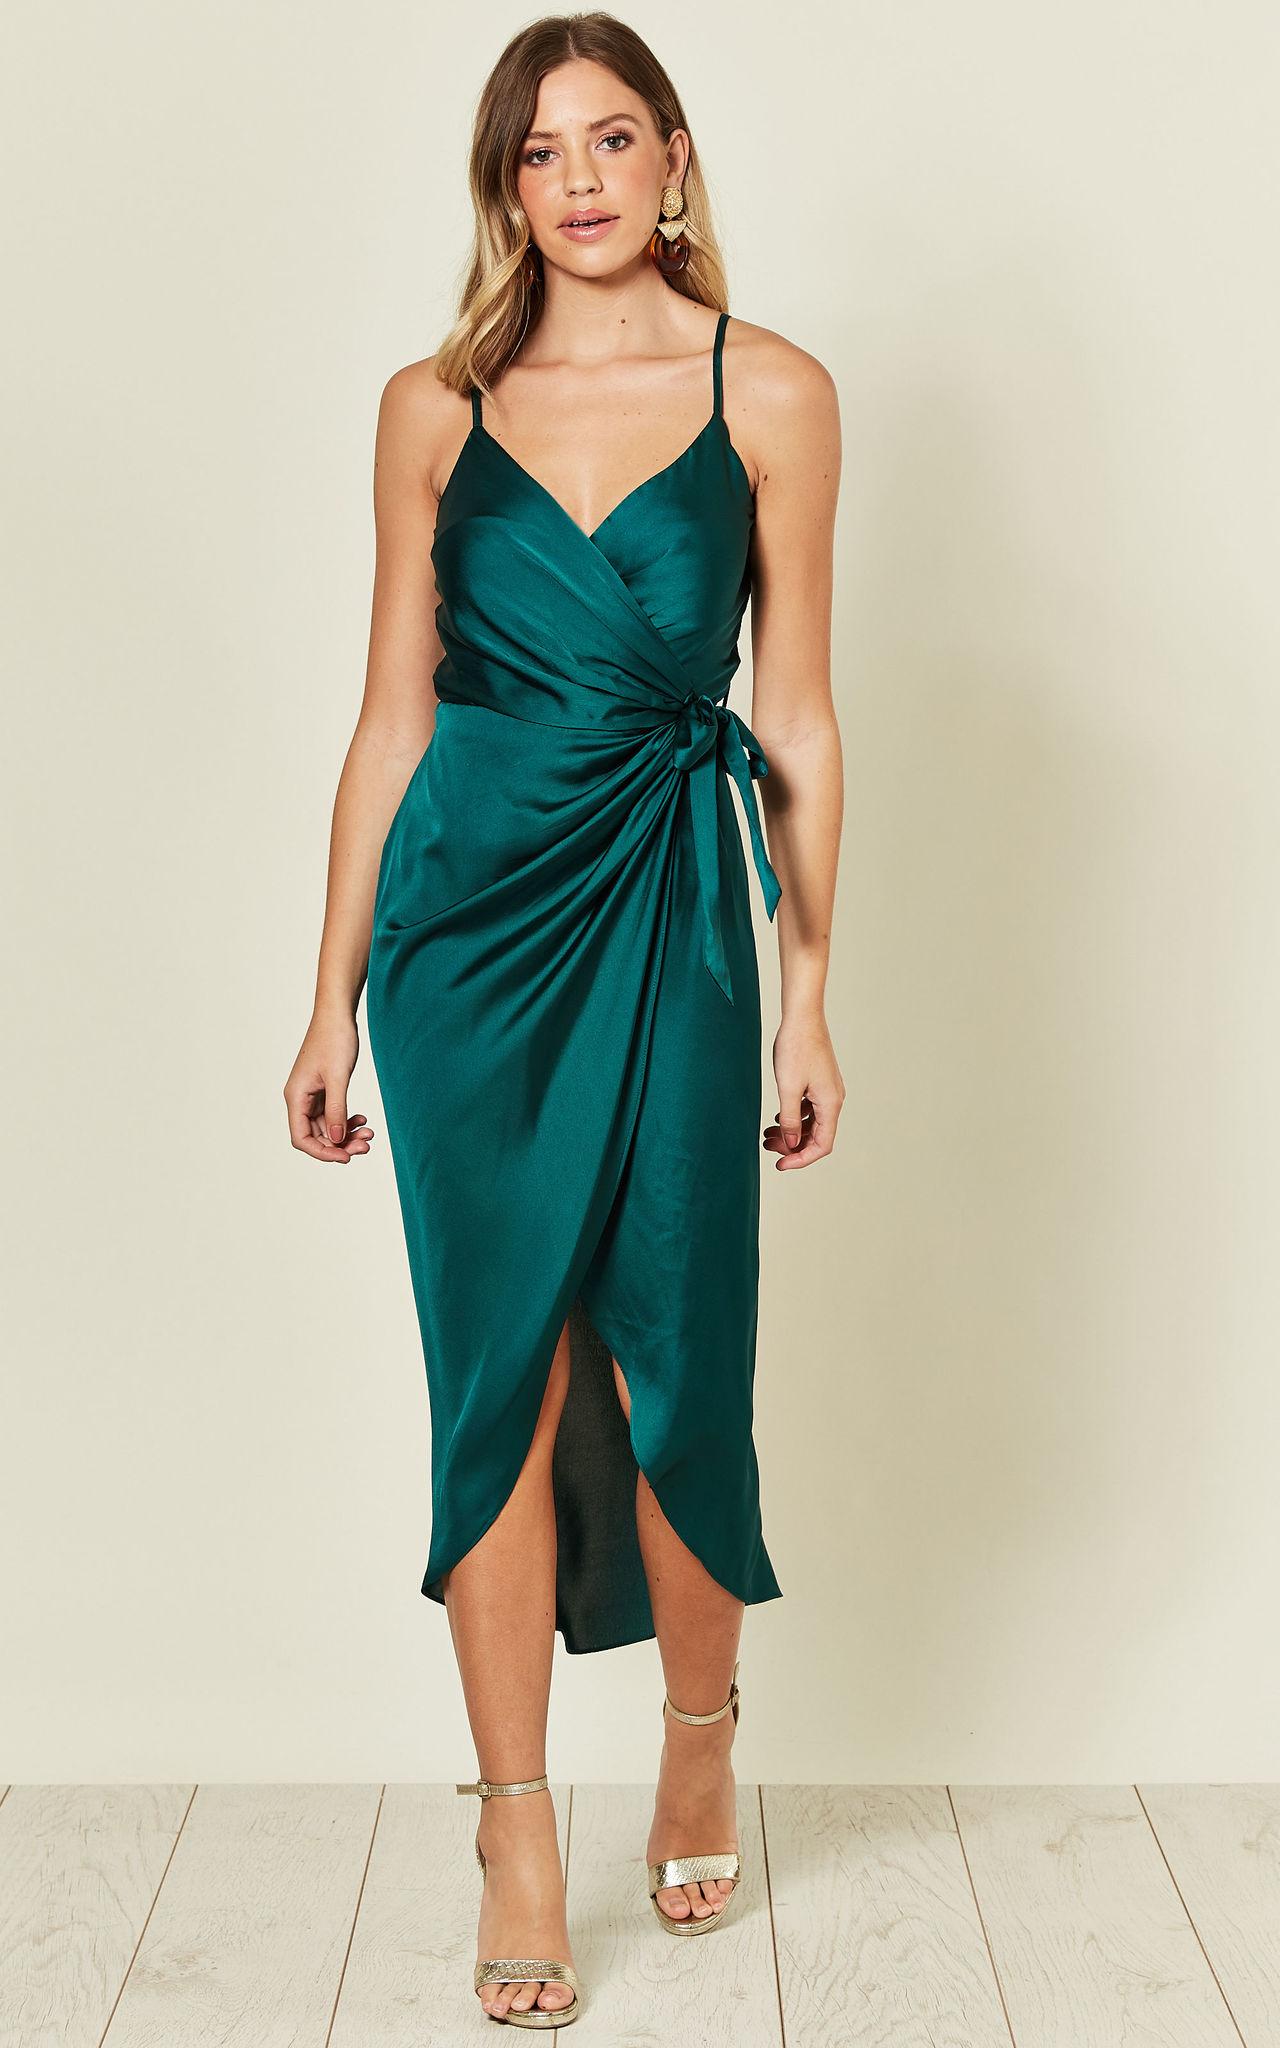 Model wears the tie side wrap cami dress in silky forest green